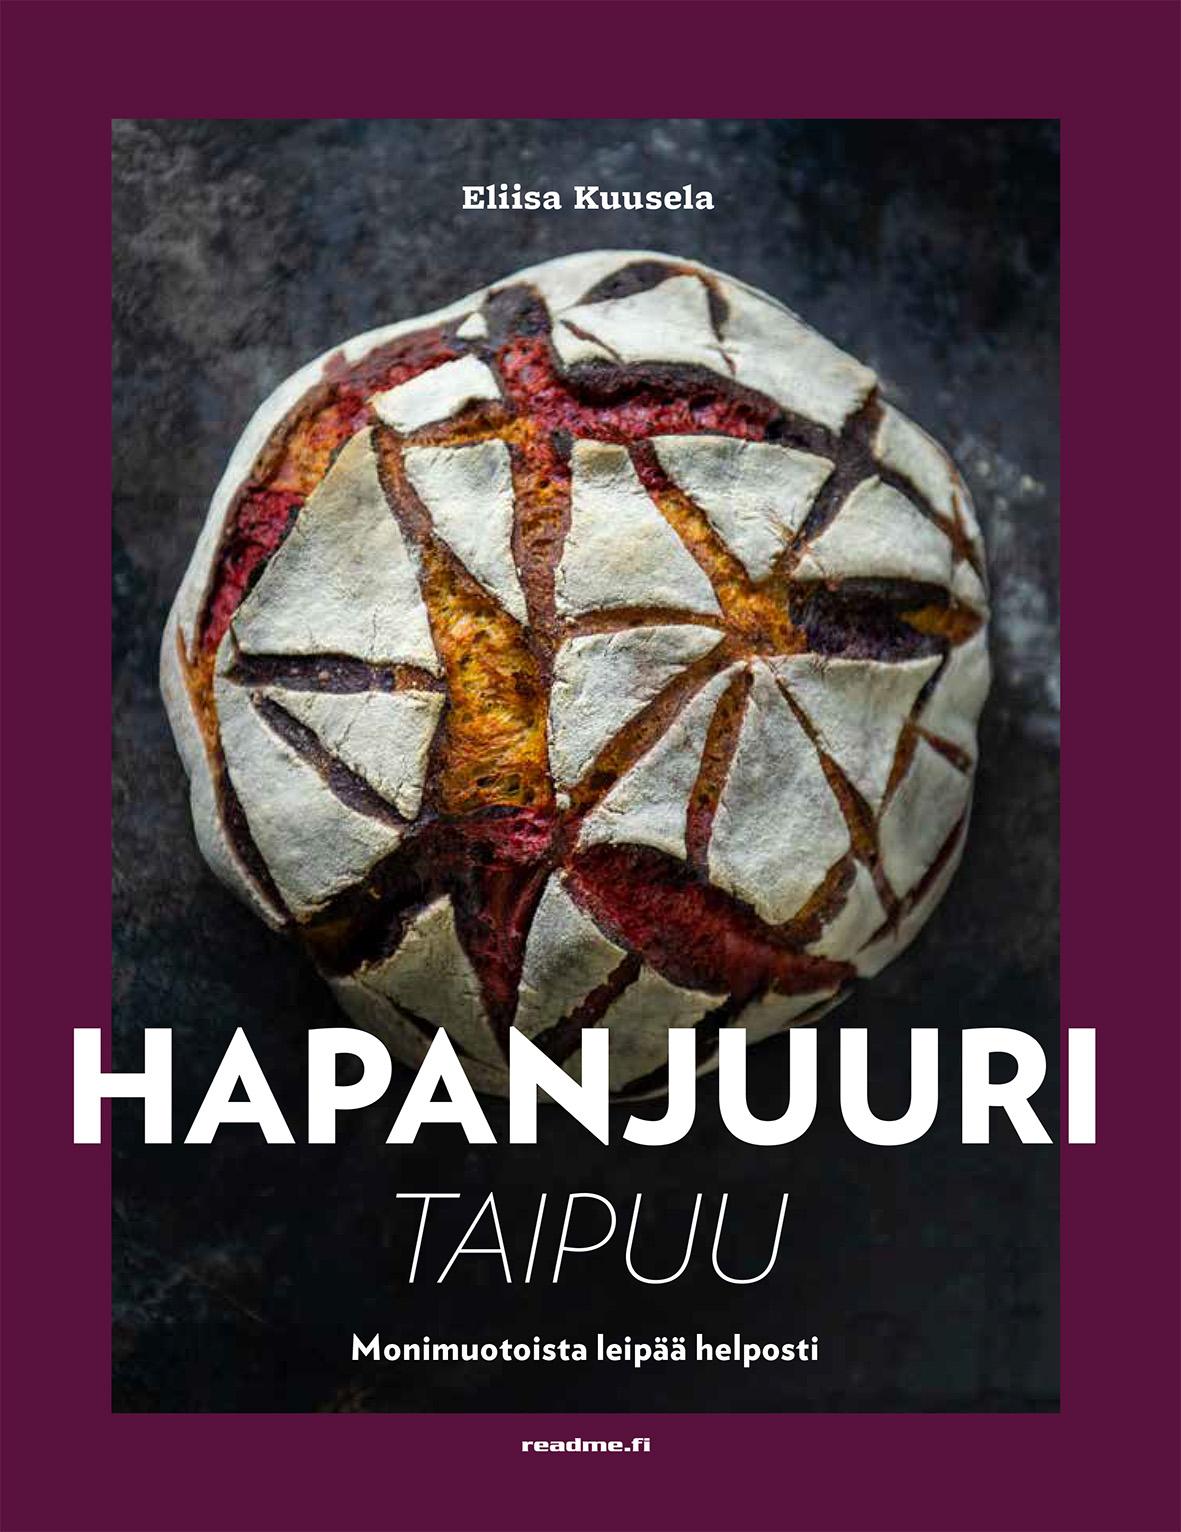 Hapanjuuri_taipuu